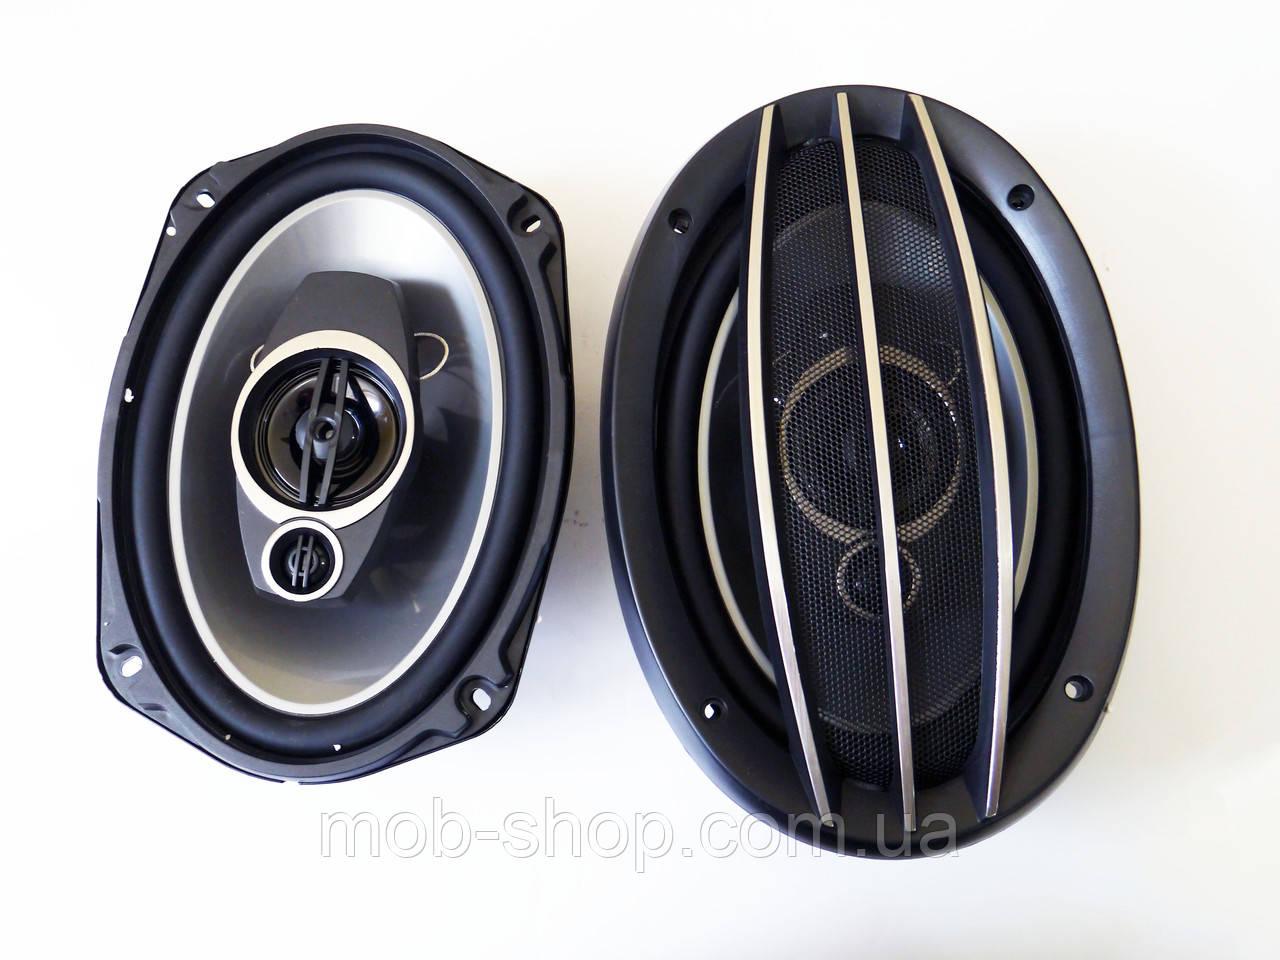 Автомобильные динамики Pioneer Овалы TS-A6974E пионер 500Вт Автоакустика динамики овальные 6х9 2х полосные